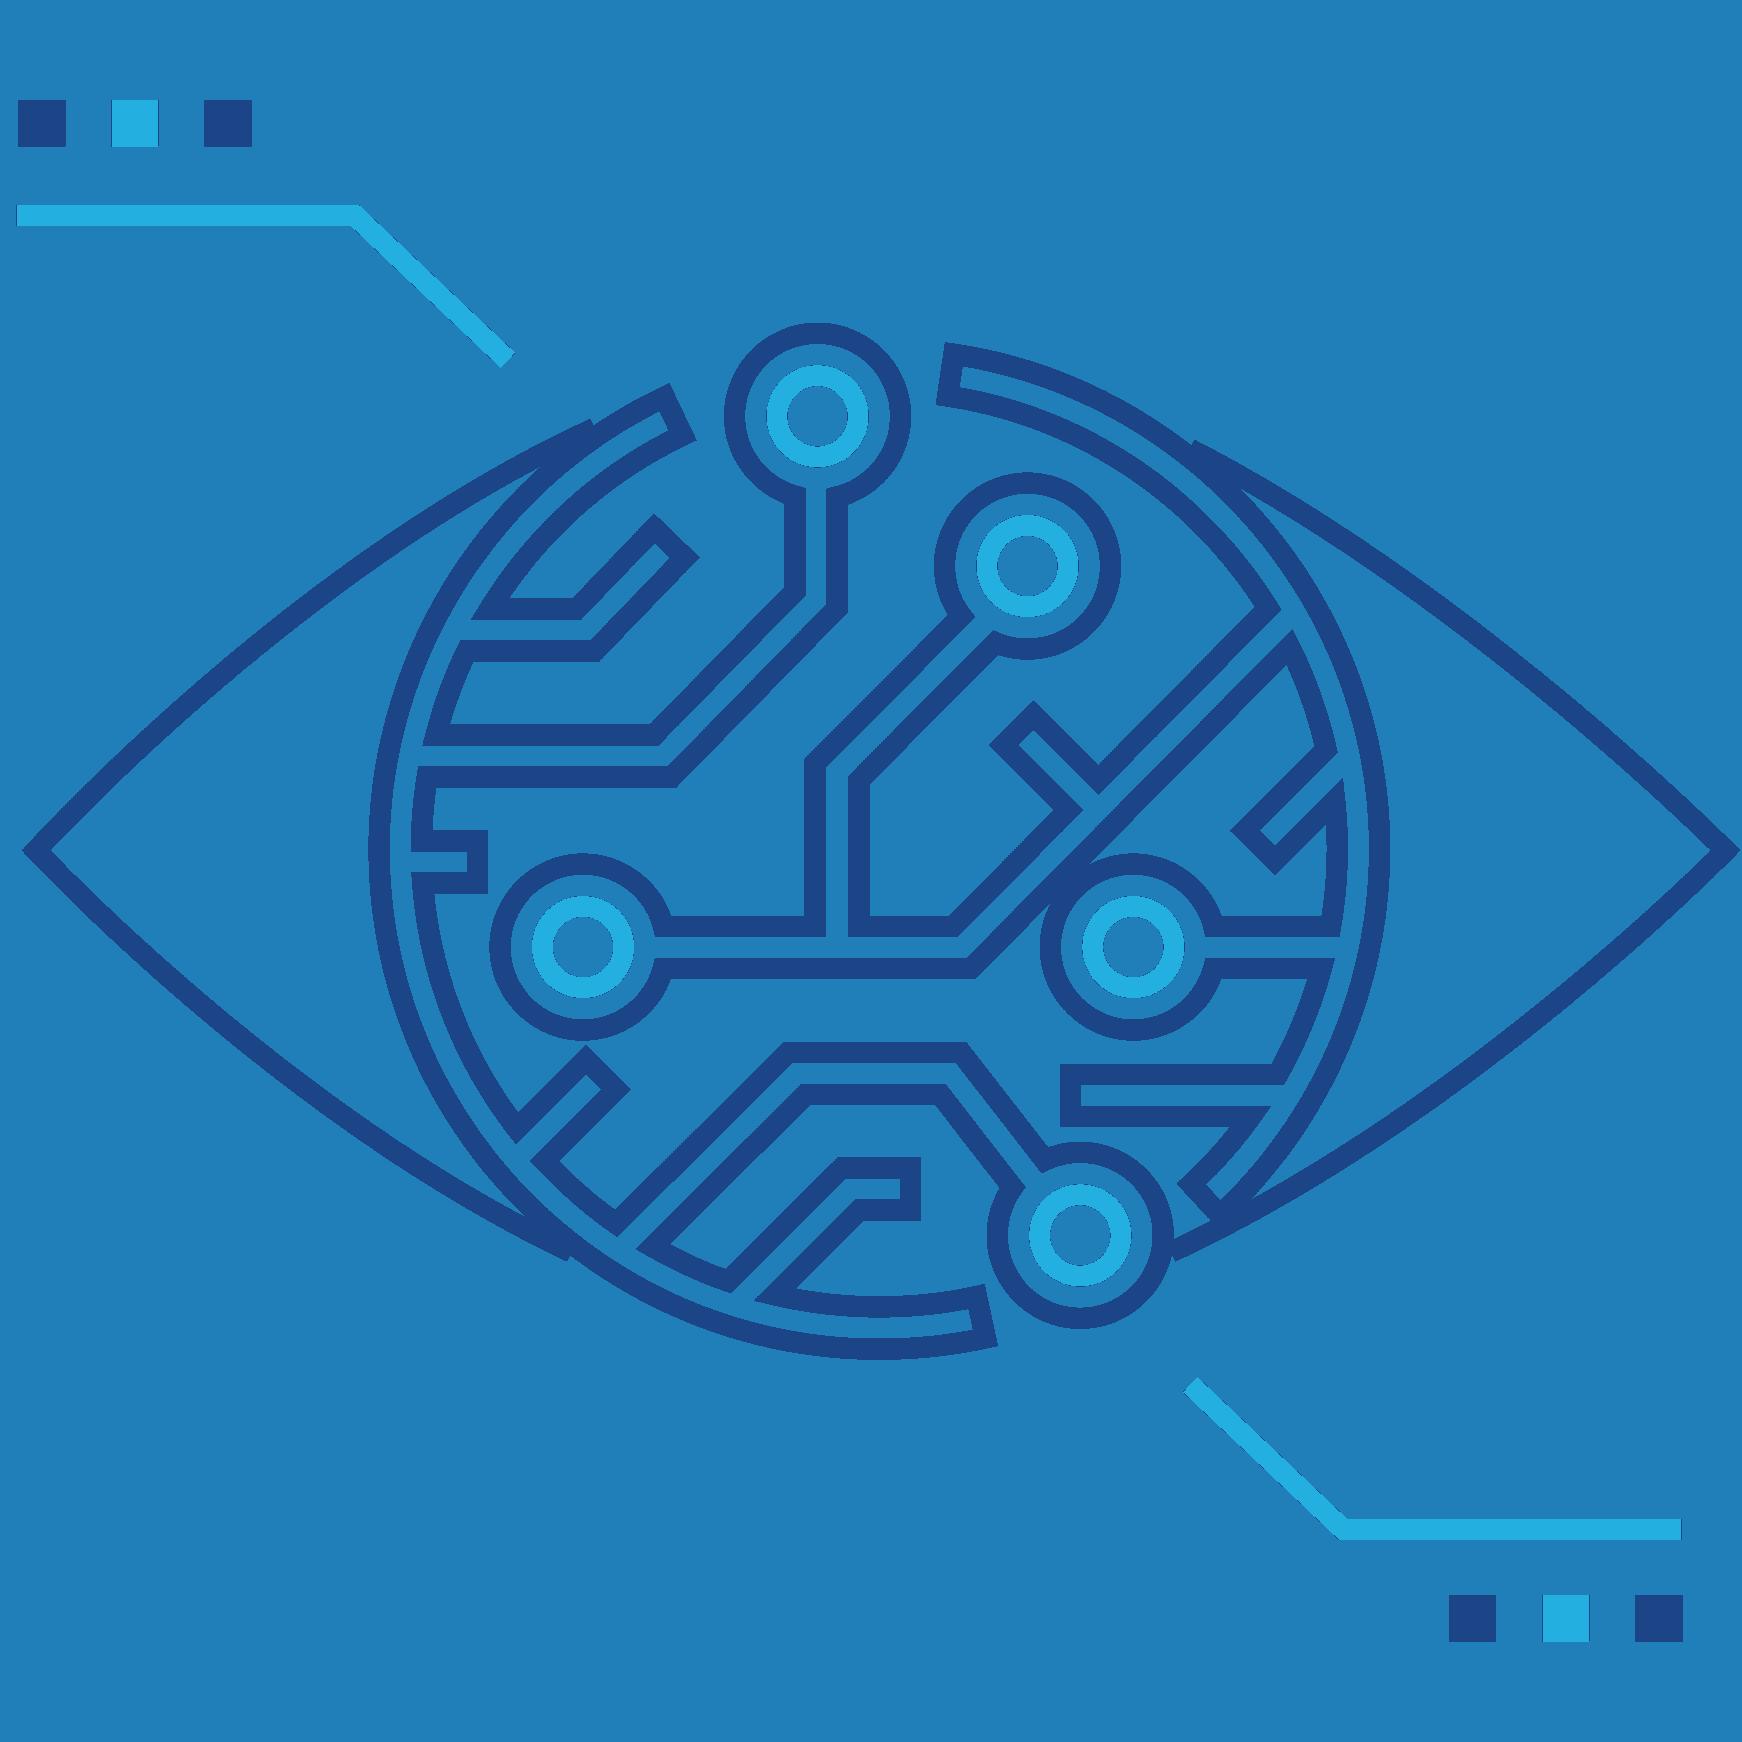 Pictogramme représentant le pôle métier Monitoring de SIXENSE